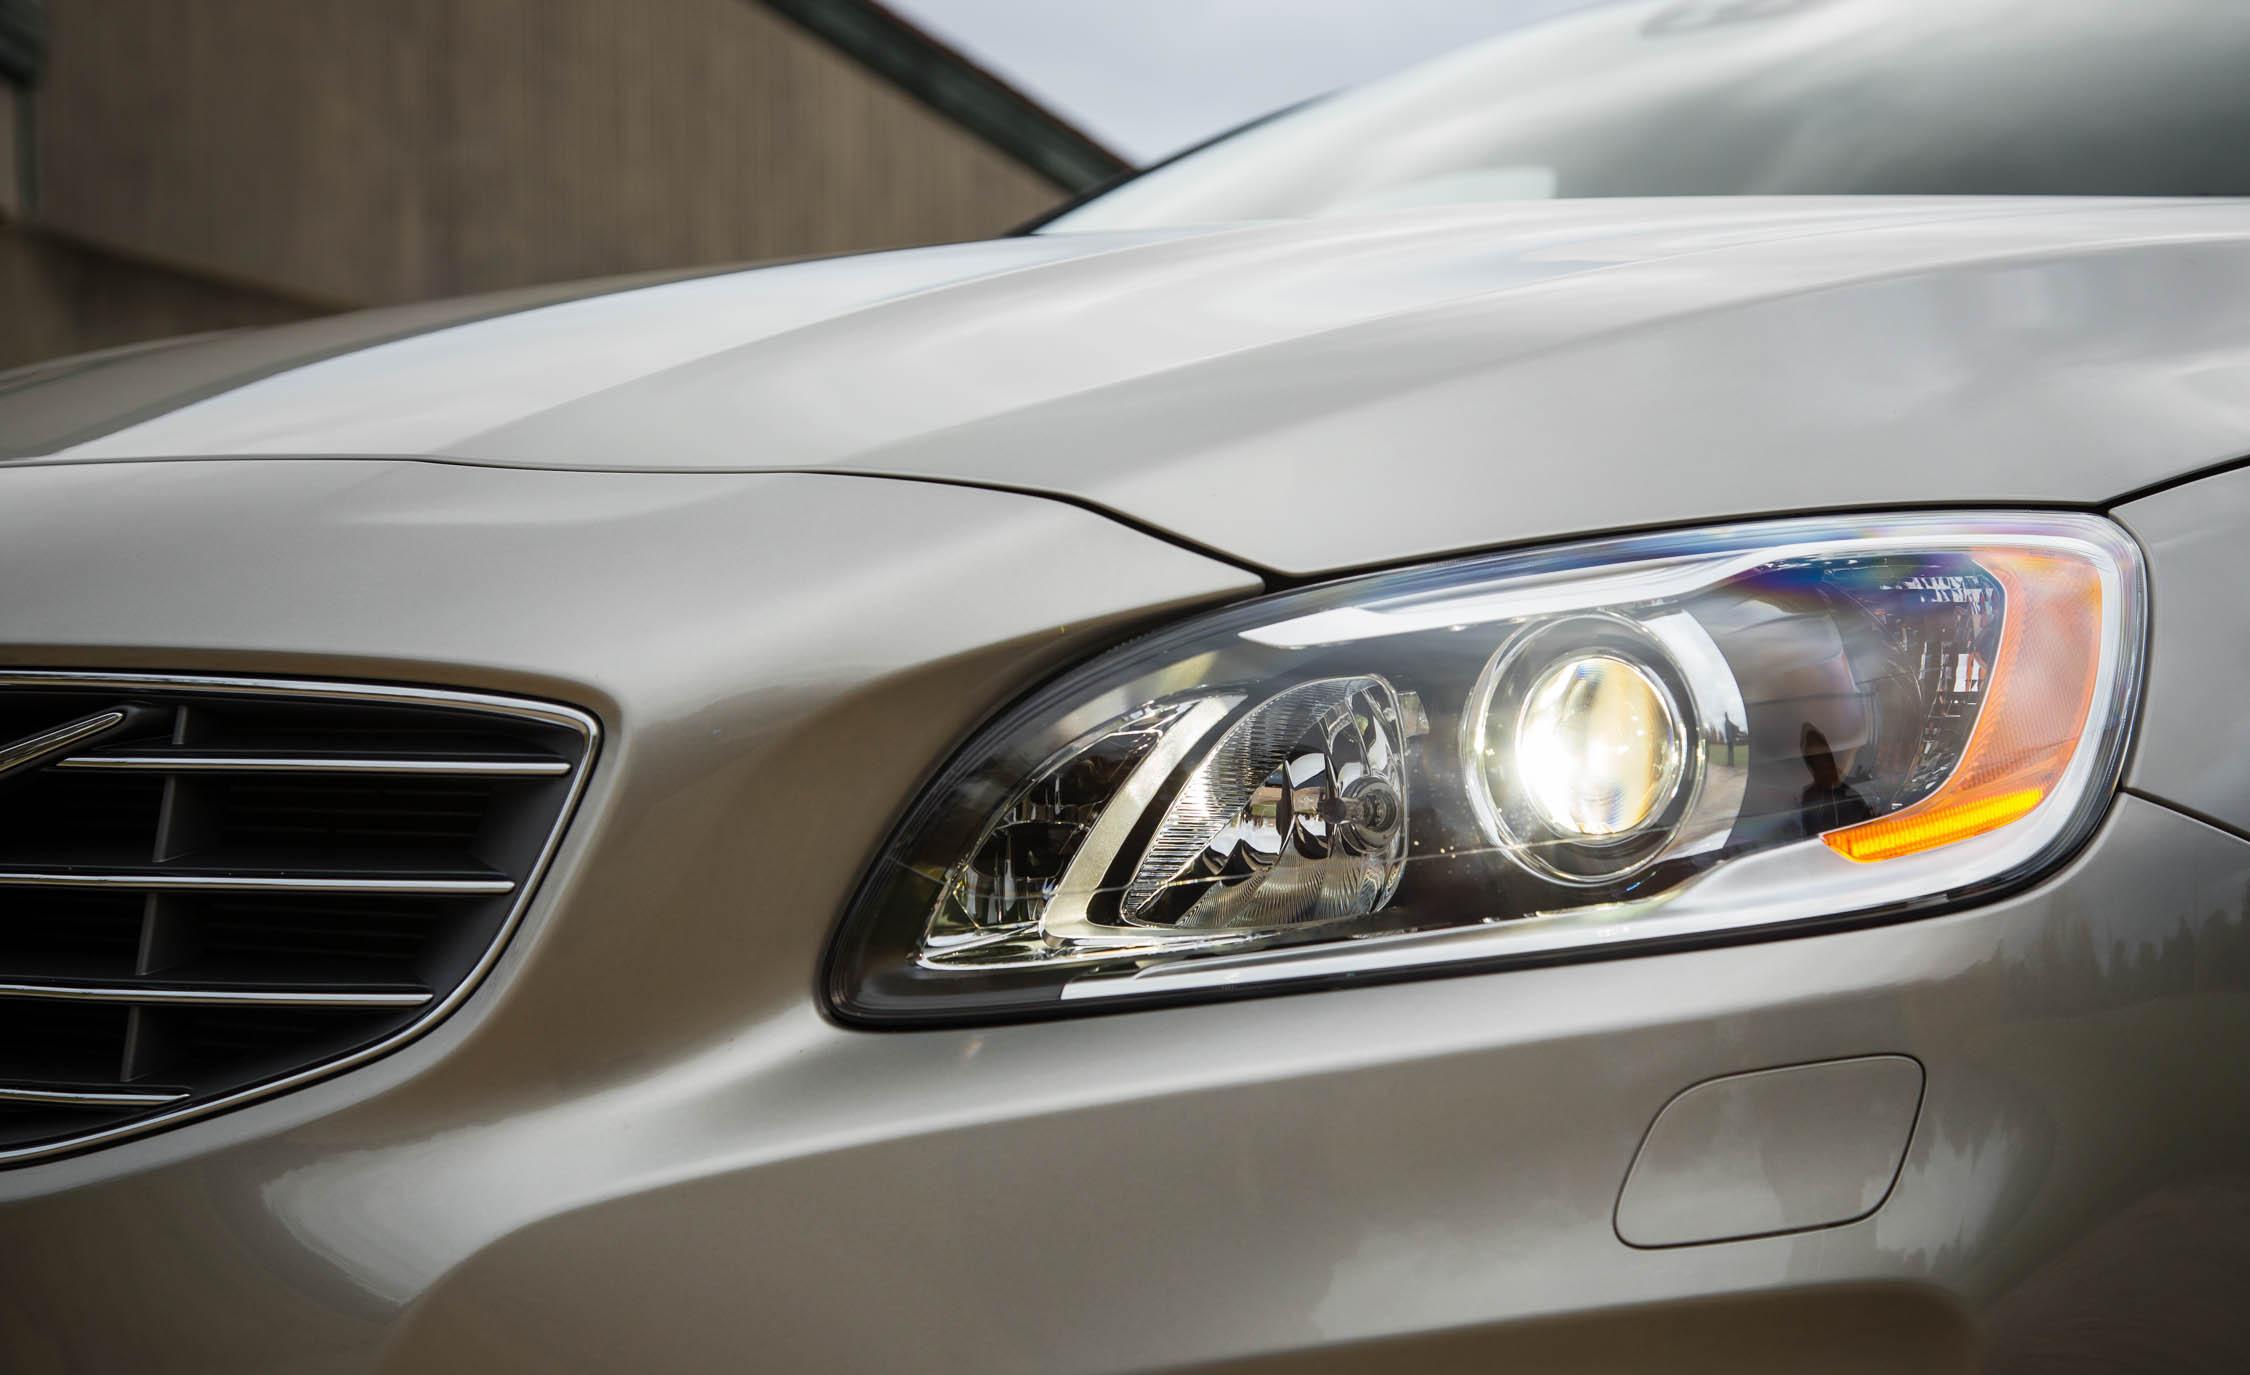 2016 Volvo S60 T5 Inscription Exterior Headlight